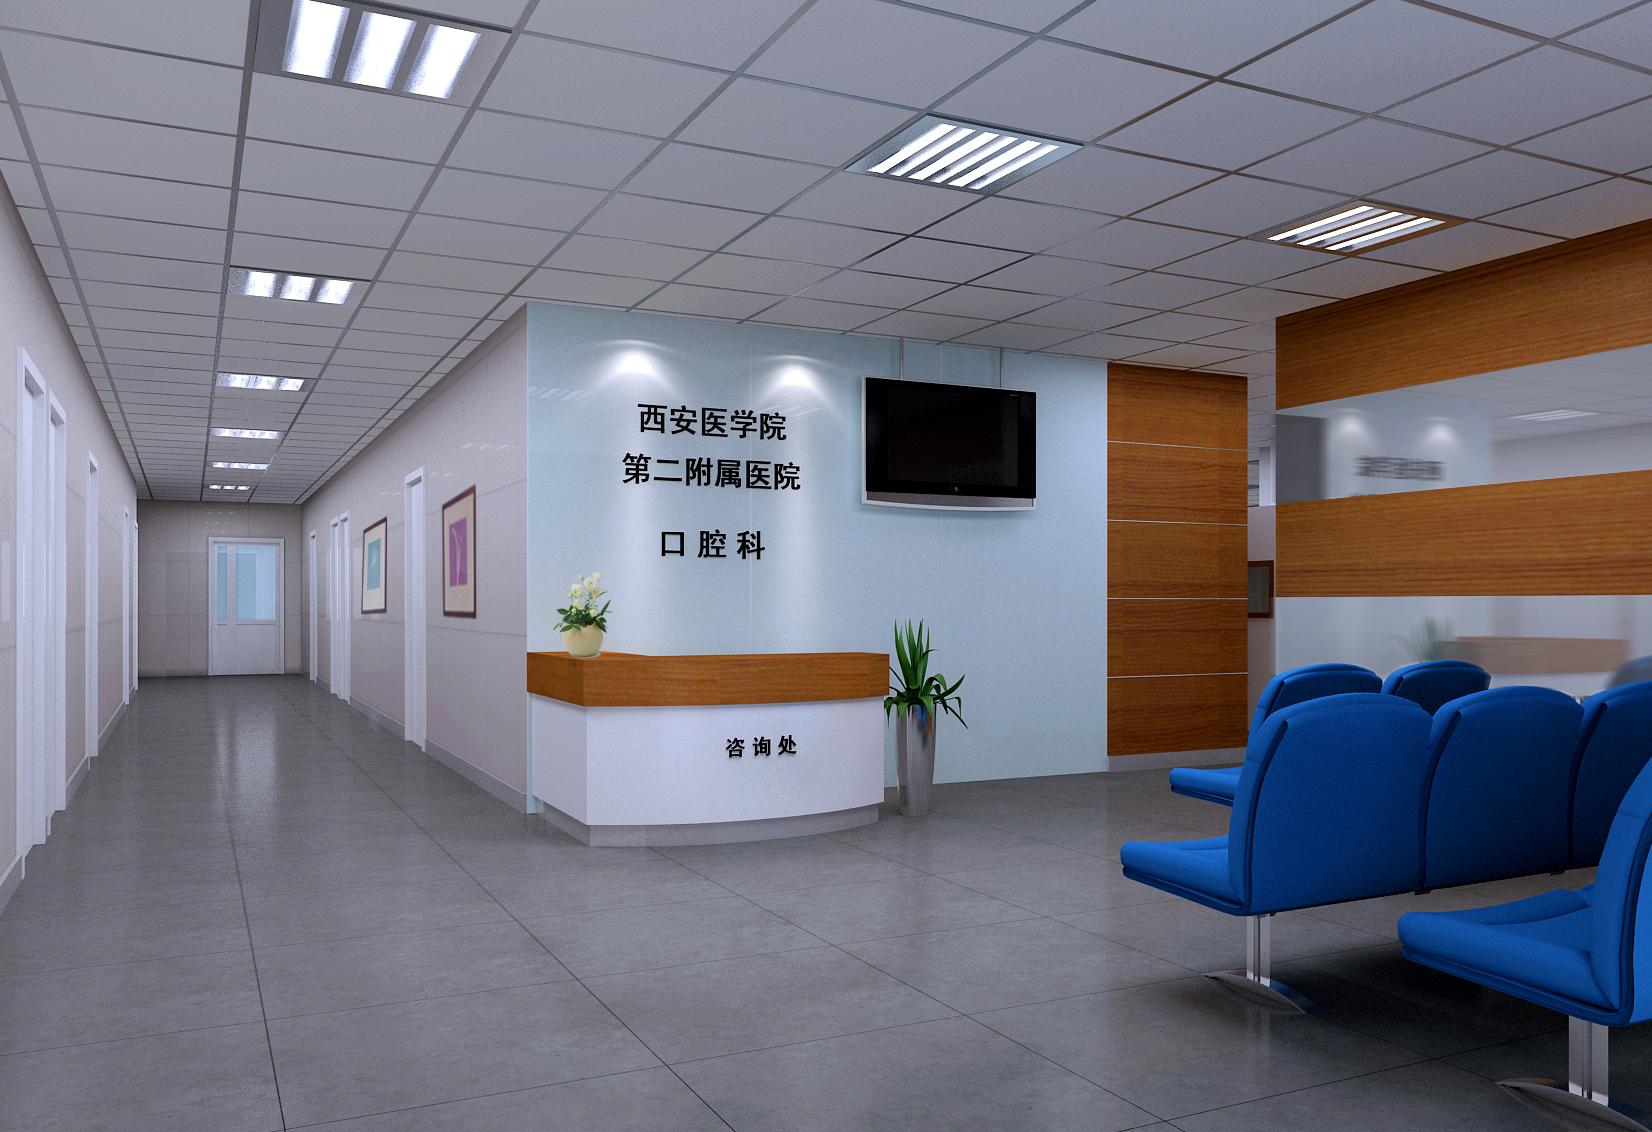 口腔科候诊室